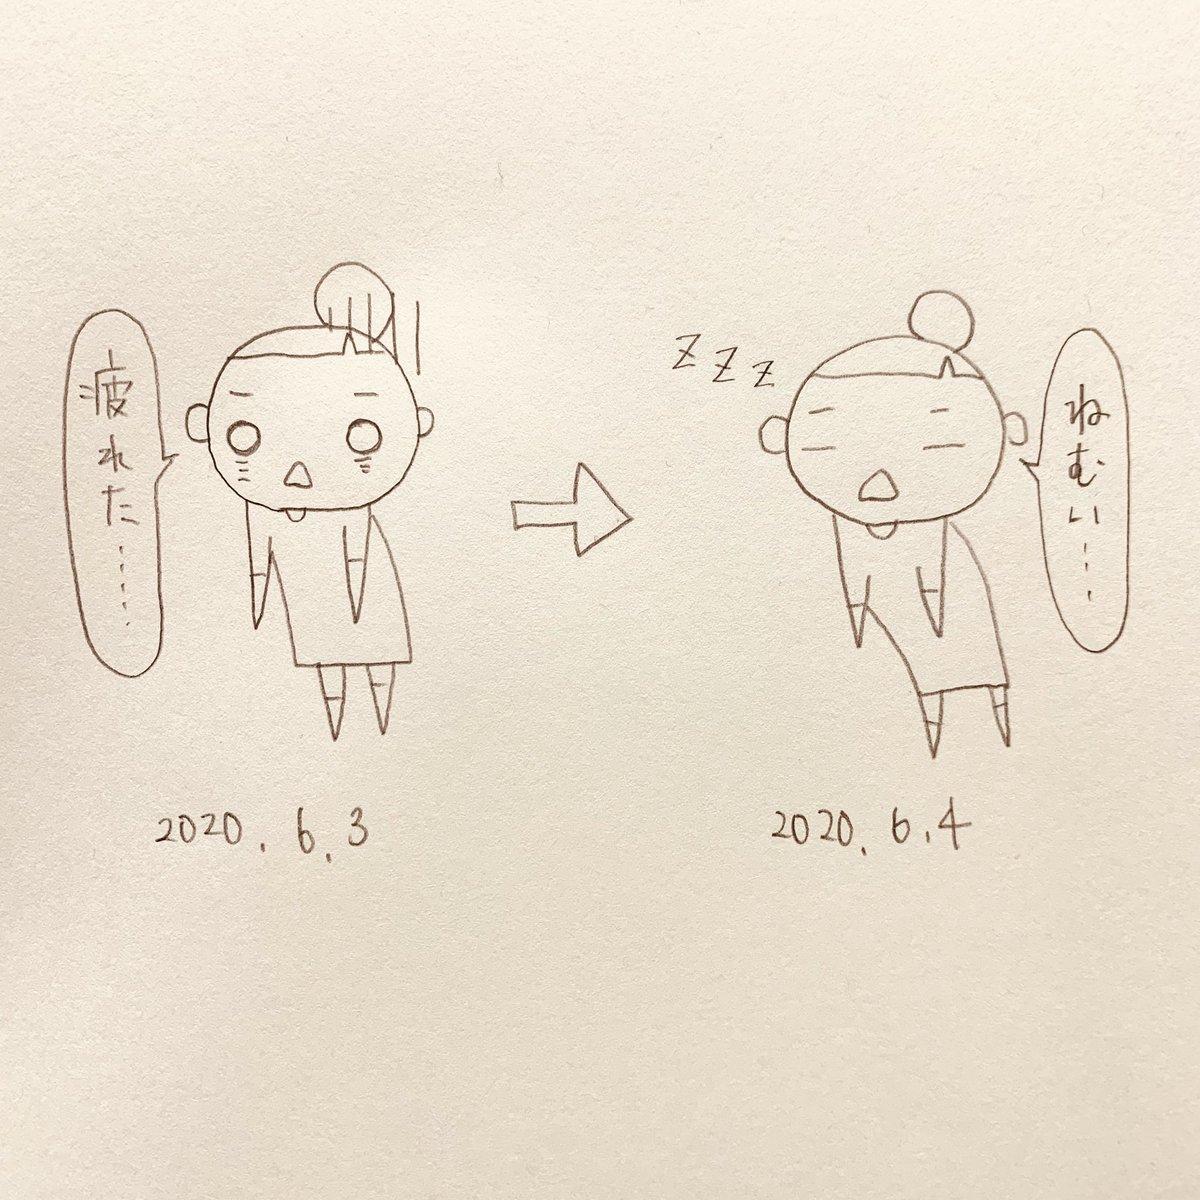 昨日描けなかったから2日分です! #リョコモコ日記 #絵日記 #イラスト #イラストレーター #漫画 #漫画家 pic.twitter.com/lx3gBHCGlG